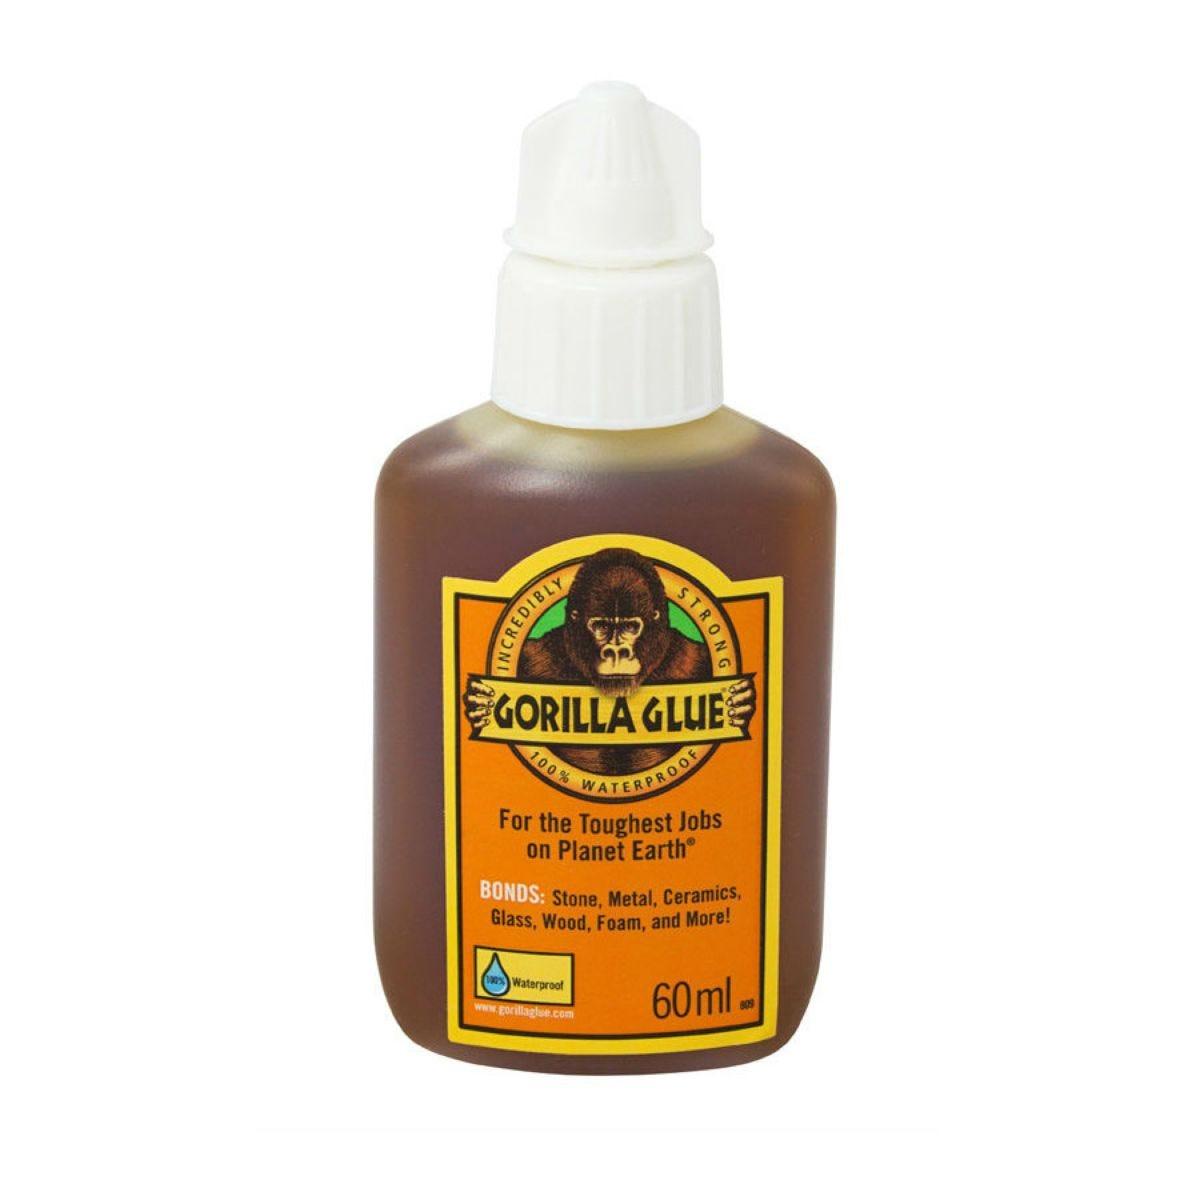 Gorilla Glue High Strength Waterproof Adhesive - 60ml